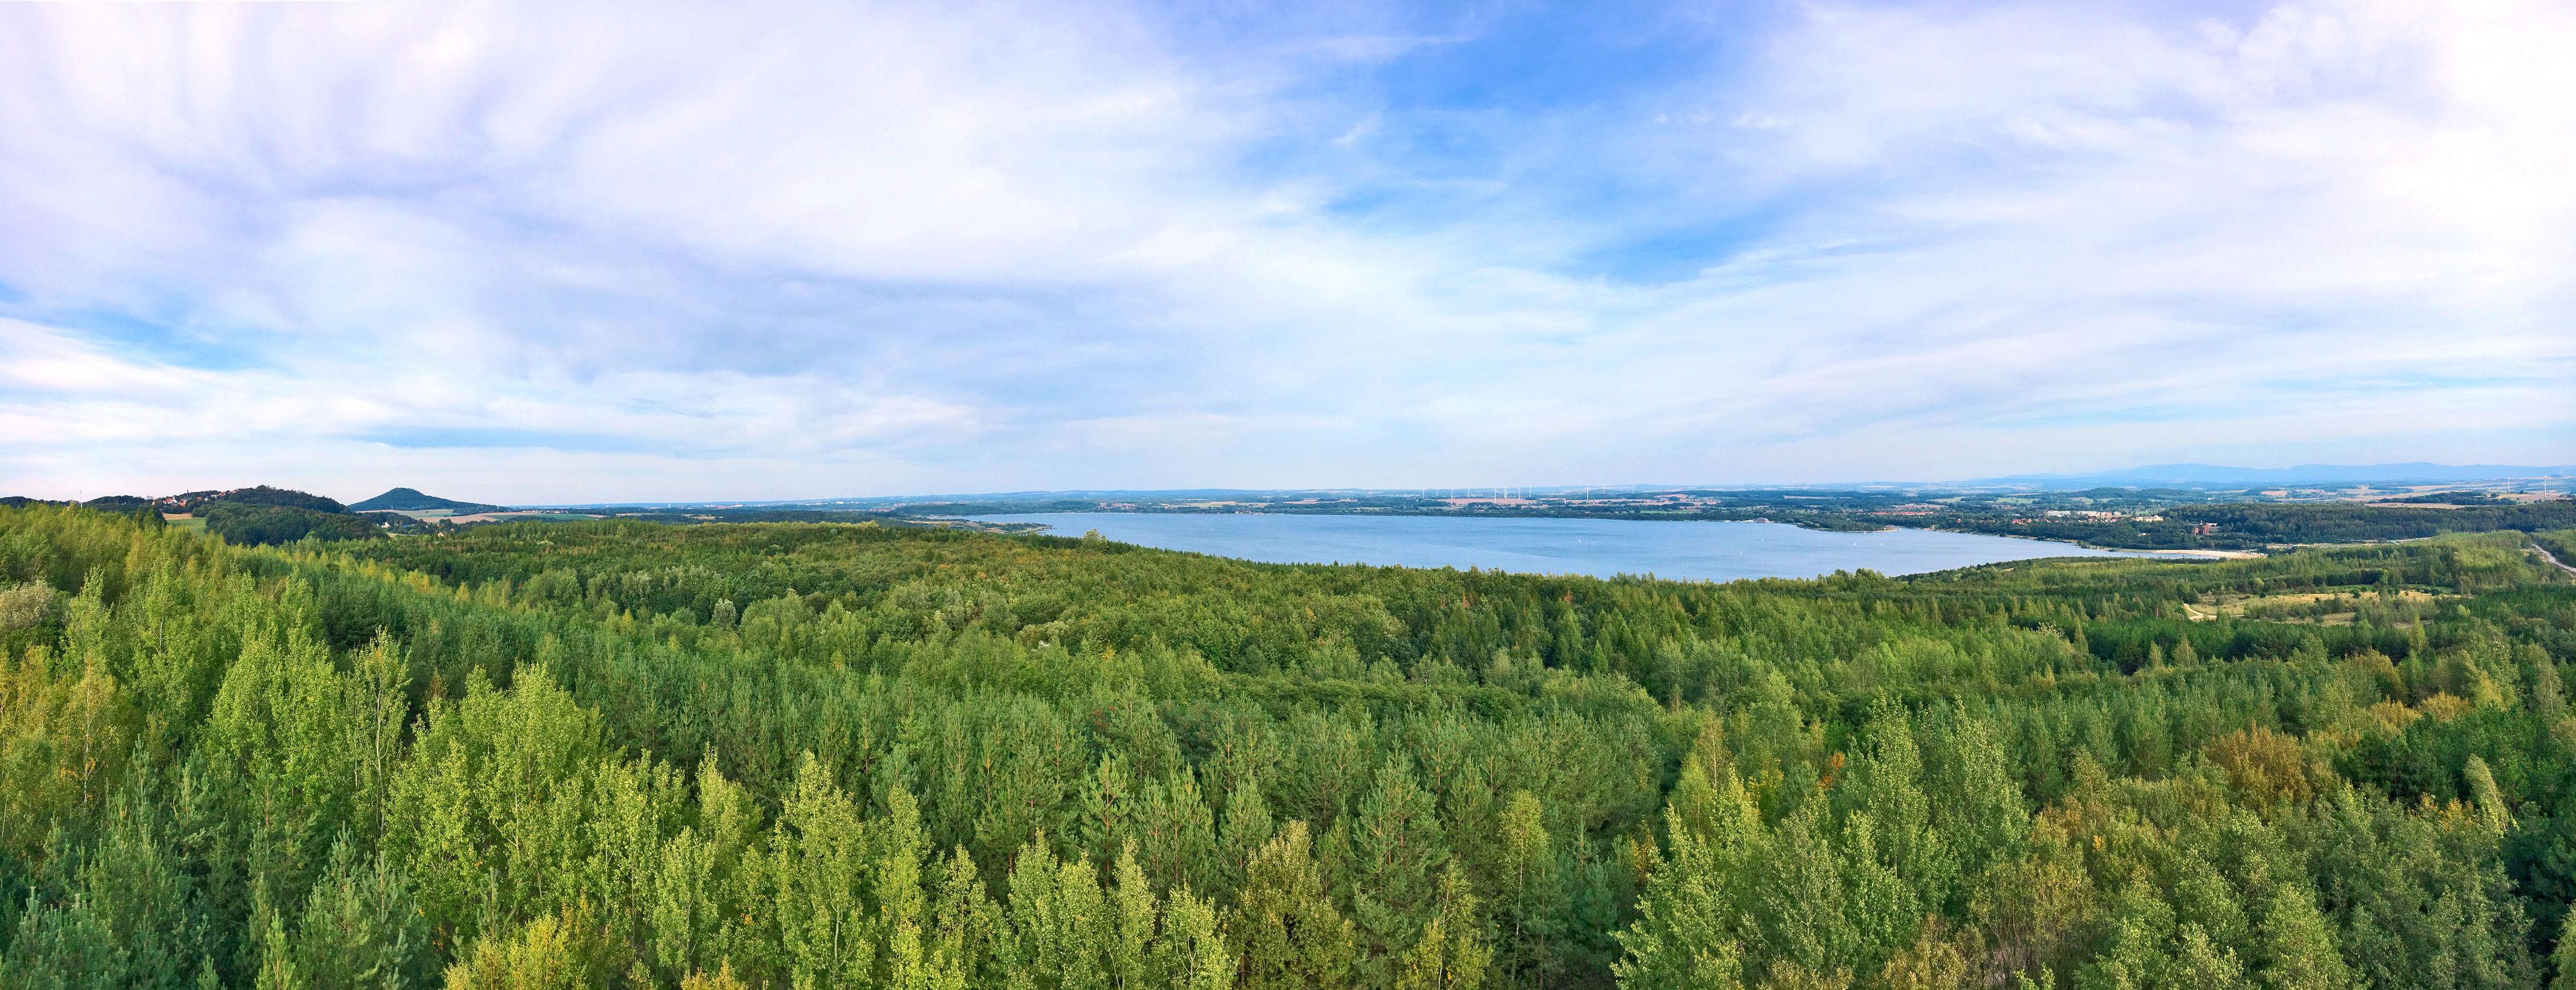 Bild mit Gewässer, Panorama, Landschaft, Seeblick, See, Görlitz, Berzdorfer See, landscape, Blick über den See, Landeskrone, Berzdorfersee, Seepanorama